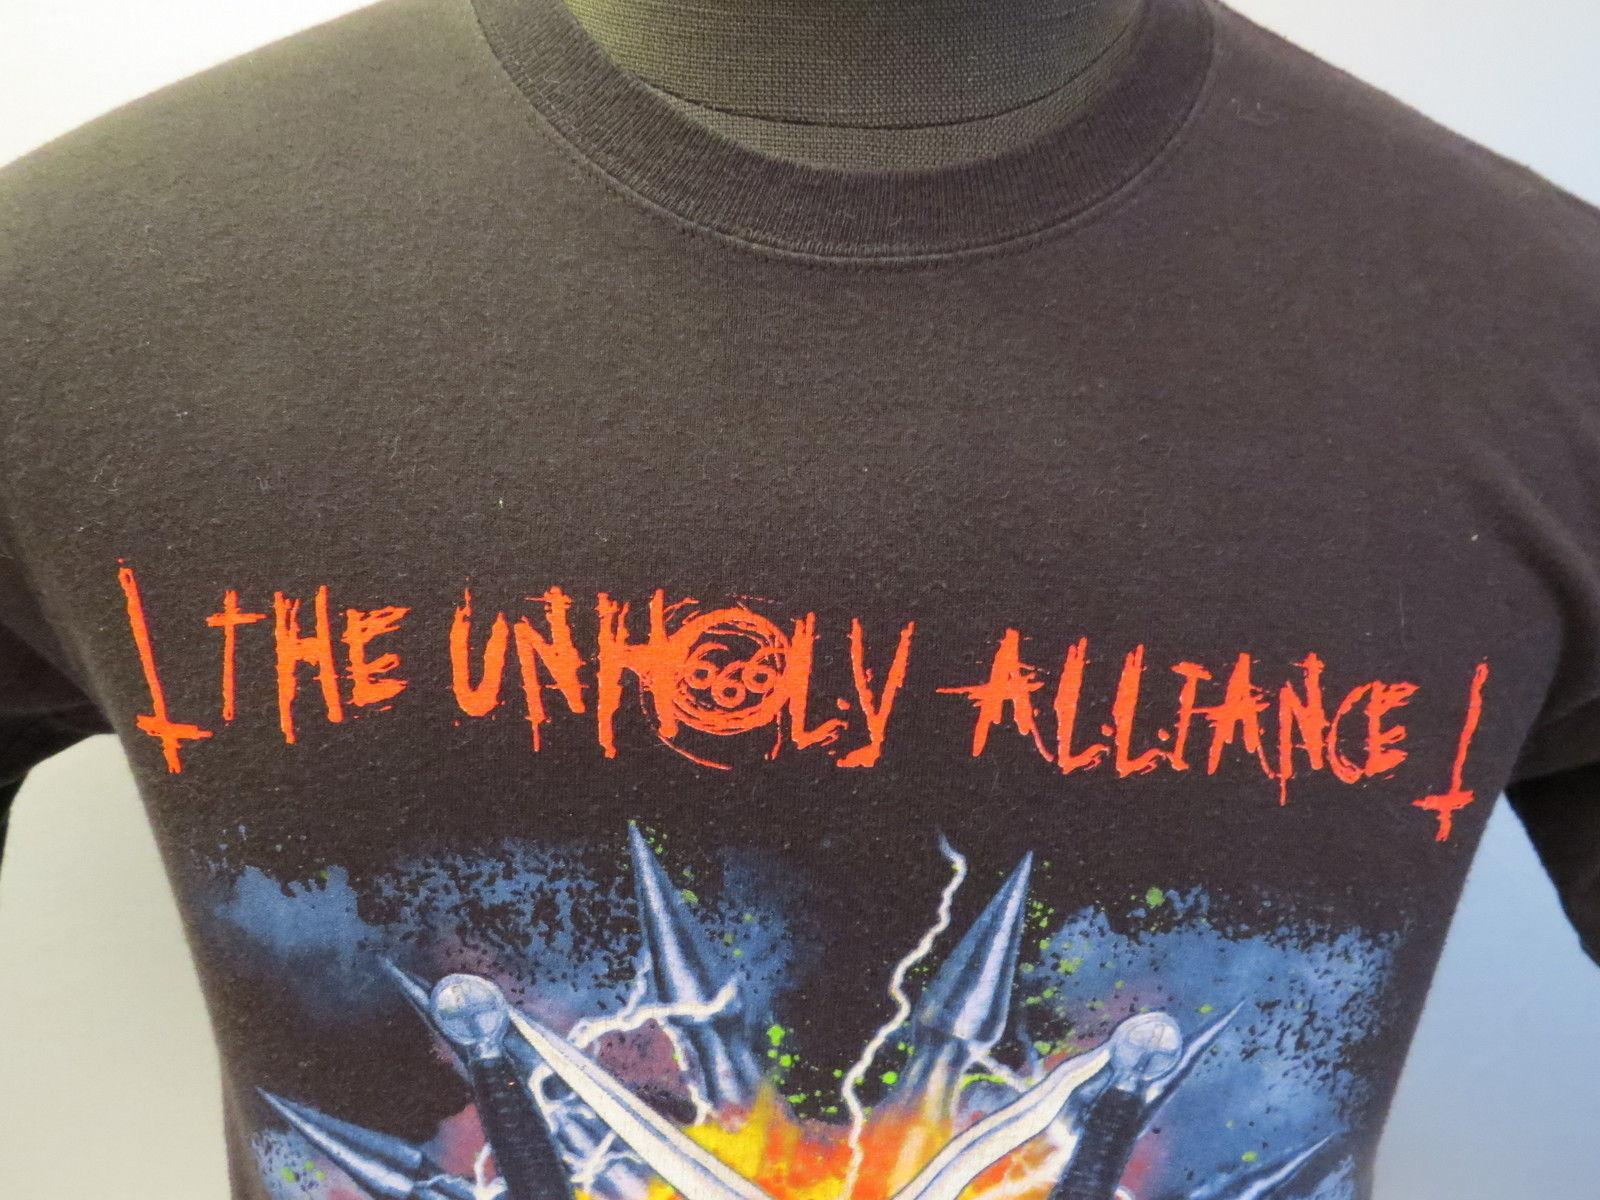 The Unholy Alliance Tour (Slayer) Shirt - 2006(66) Tour - Men's Small